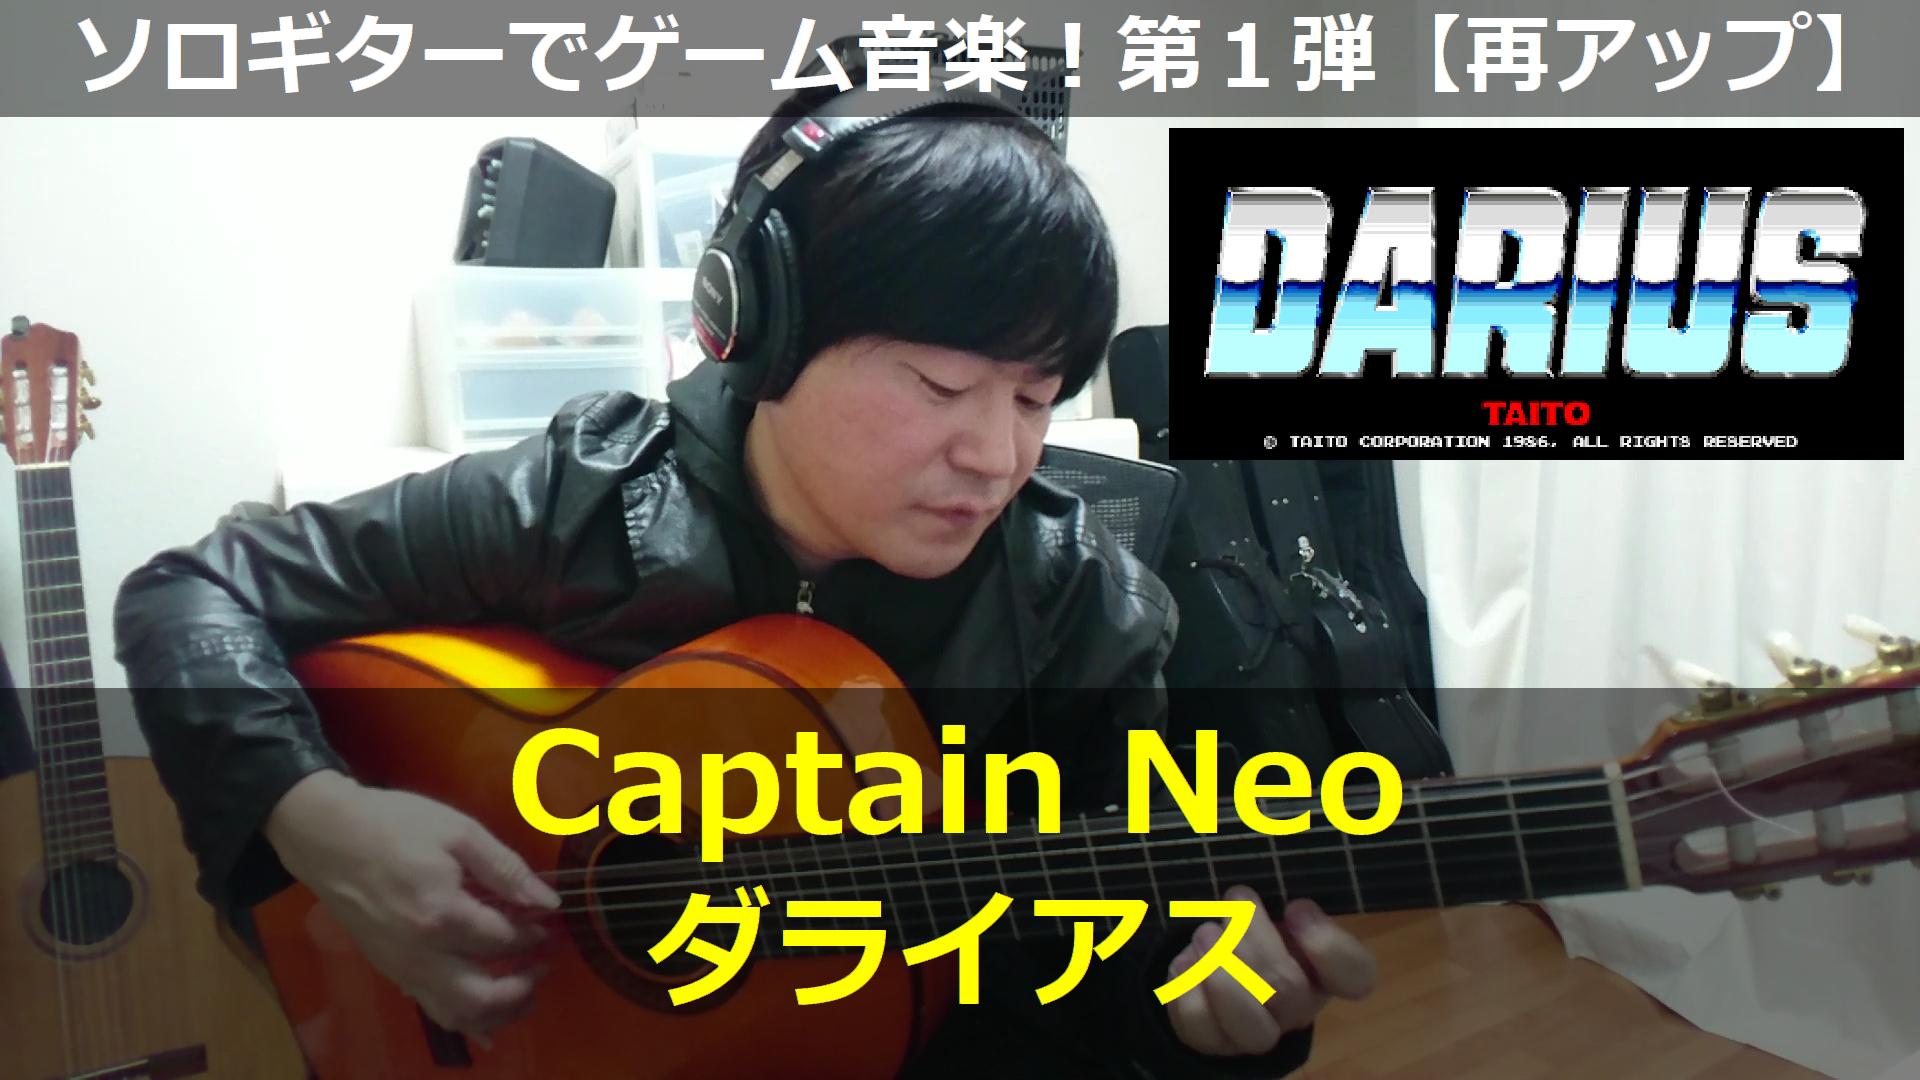 ダライアス Captain Neo ギター演奏